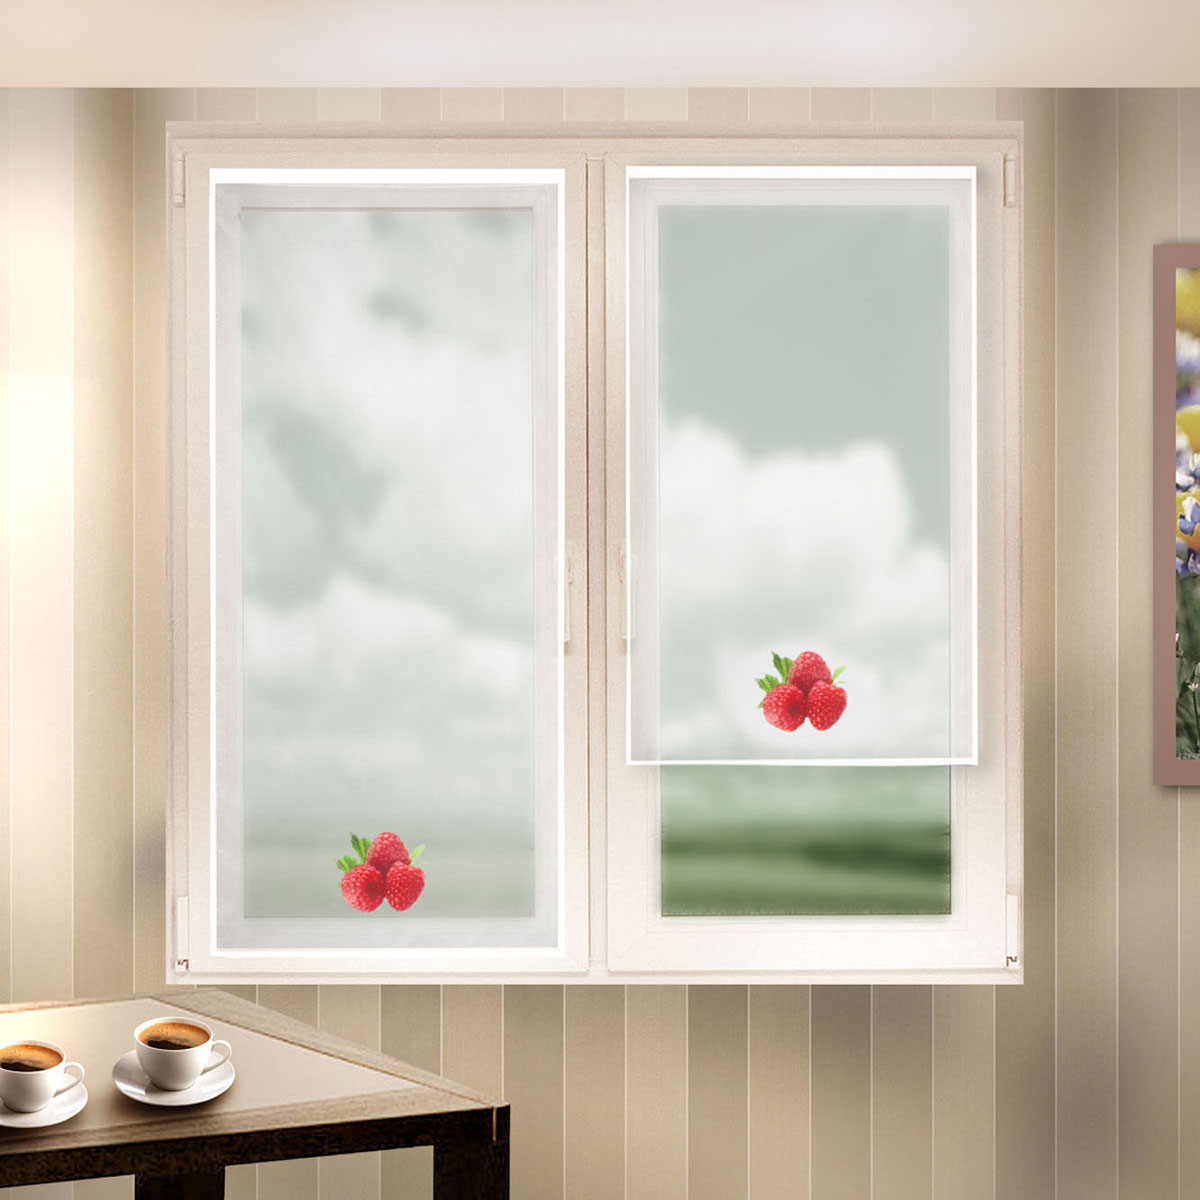 Гардина Zlata Korunka, на липкой ленте, цвет: белый, высота 120 см, 2 шт. 666054-1666054-1Гардина на липкой ленте Zlata Korunka, изготовленная из легкого полиэстера, станет великолепным украшением любого окна. Полотно из белой вуали с печатным рисунком привлечет к себе внимание и органично впишется в интерьер комнаты. Крепление на липкой ленте, не требующее сверления стен и карниза. Многоразовое и мгновенное крепление.